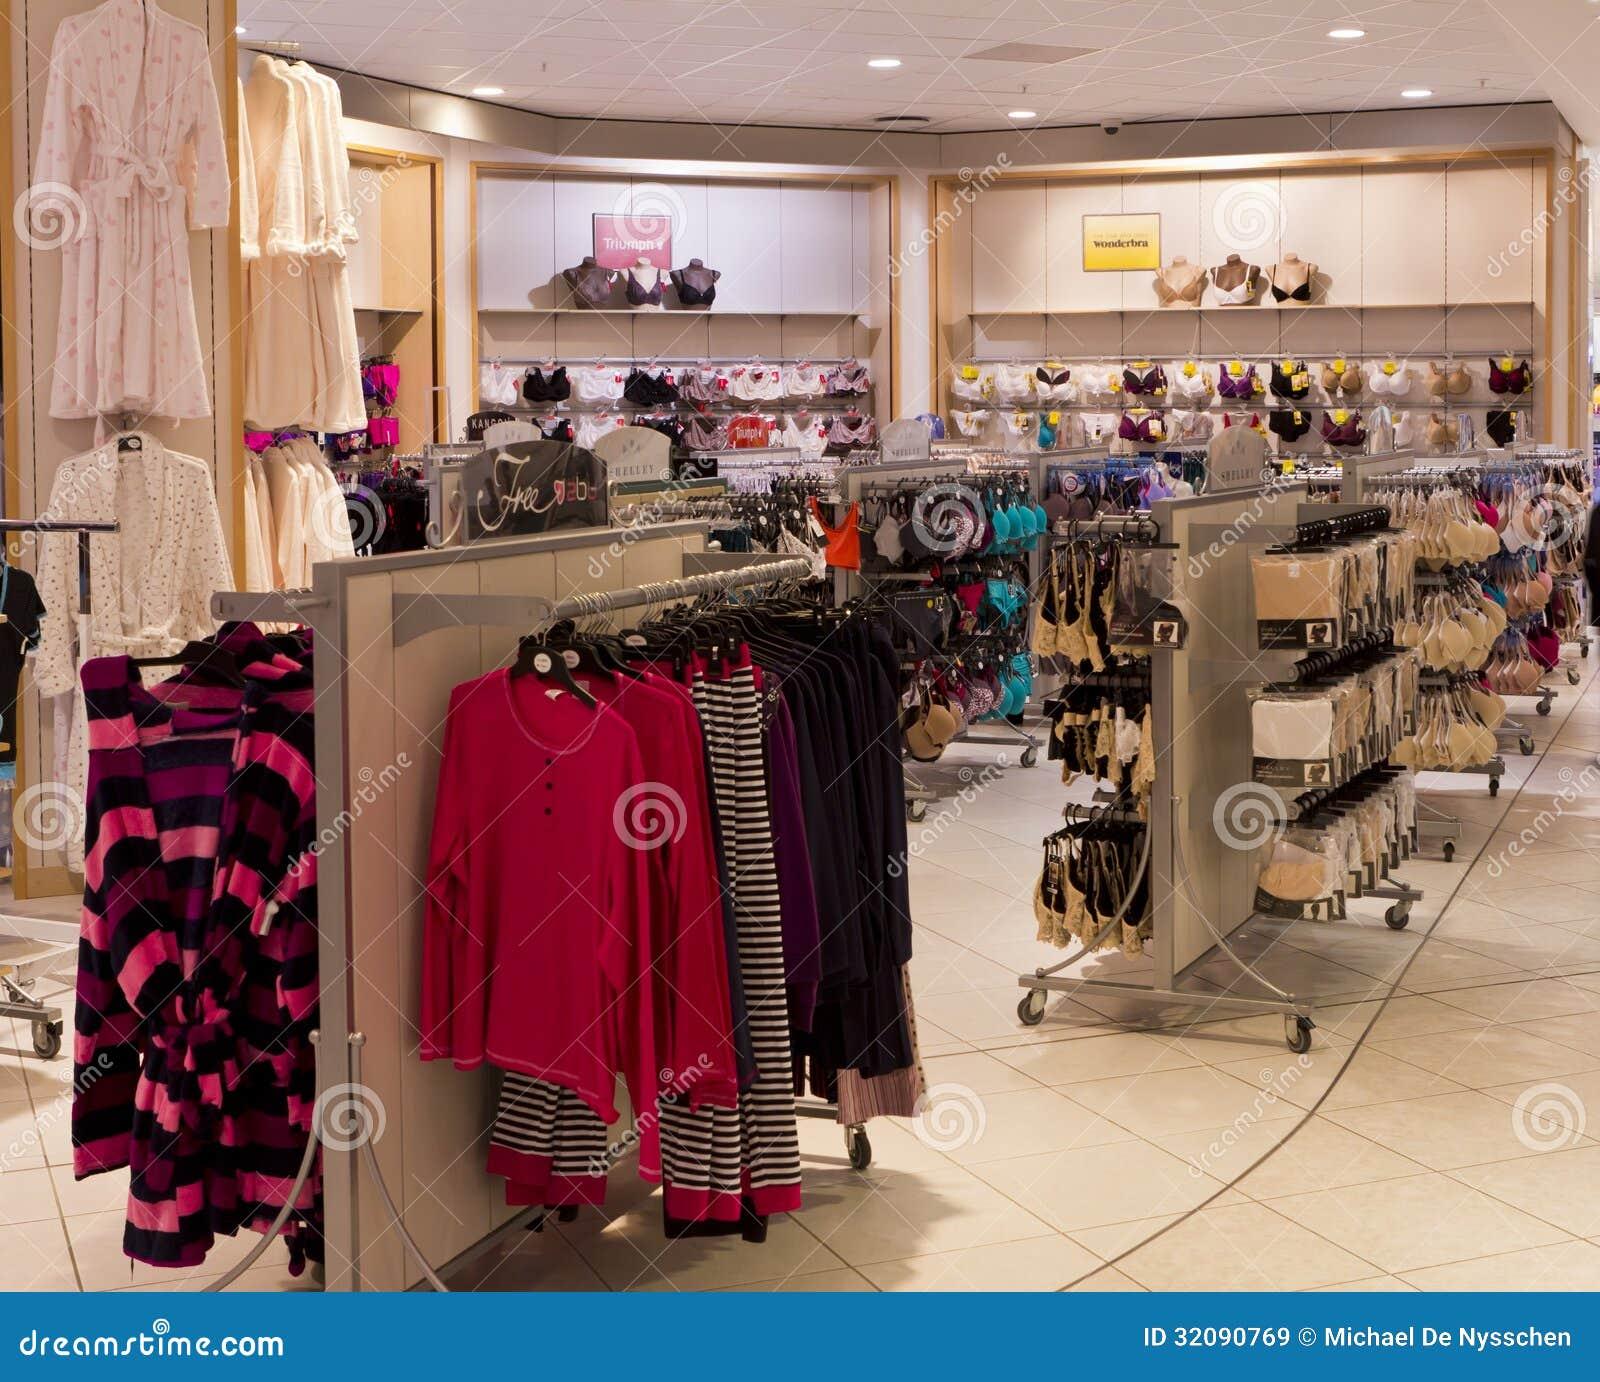 Investigando estos dias sobre decoración de interior para tiendas de ropa por Internet, he dado con algunos ejemplos muy llamativos que me han hecho ver con tranquilidad sus trabajos. Ya pudiste ver la recomendación que hice de decoradores de Murcia.